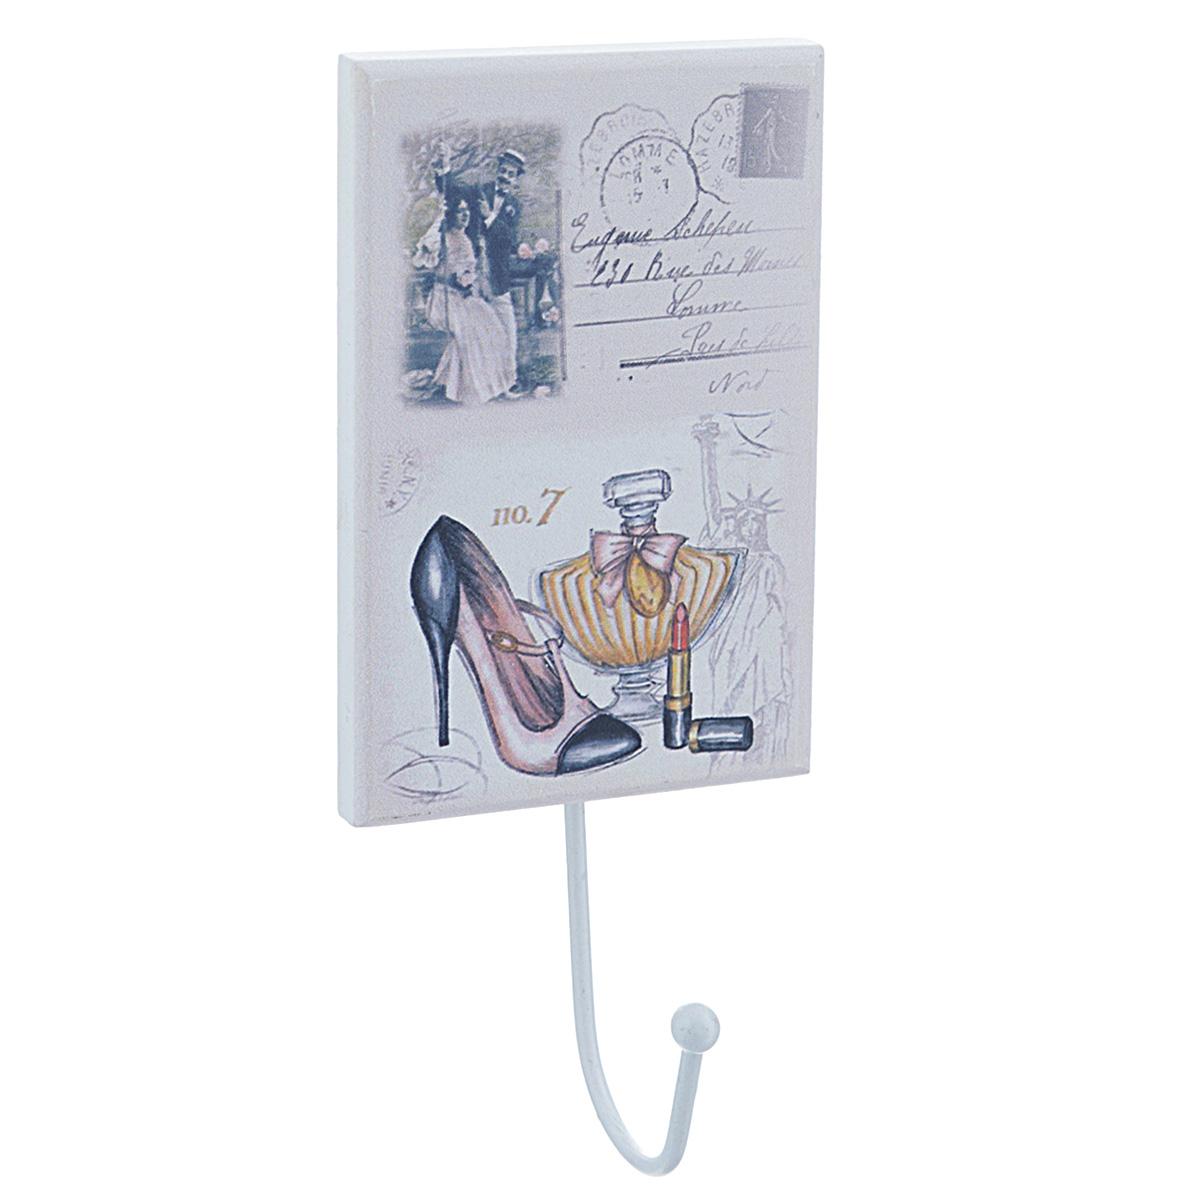 Вешалка настенная Феникс-презент. 3373433734Стильная и прочная вешалка Феникс-презент изготовлена из МДФ и украшена изображением дамских аксессуаров. Изделие оснащено металлическим крючком, на который удобно вешать сумку, зонтик или ключи. С обратной стороны вешалка имеет металлическую петельку, за которую ее можно повесить в любое удобное место. Вешалка Феникс-презент украсит интерьер вашей прихожей. Размер вешалки: 8,2 см х 12 см. Длина крючка: 7,5 см.